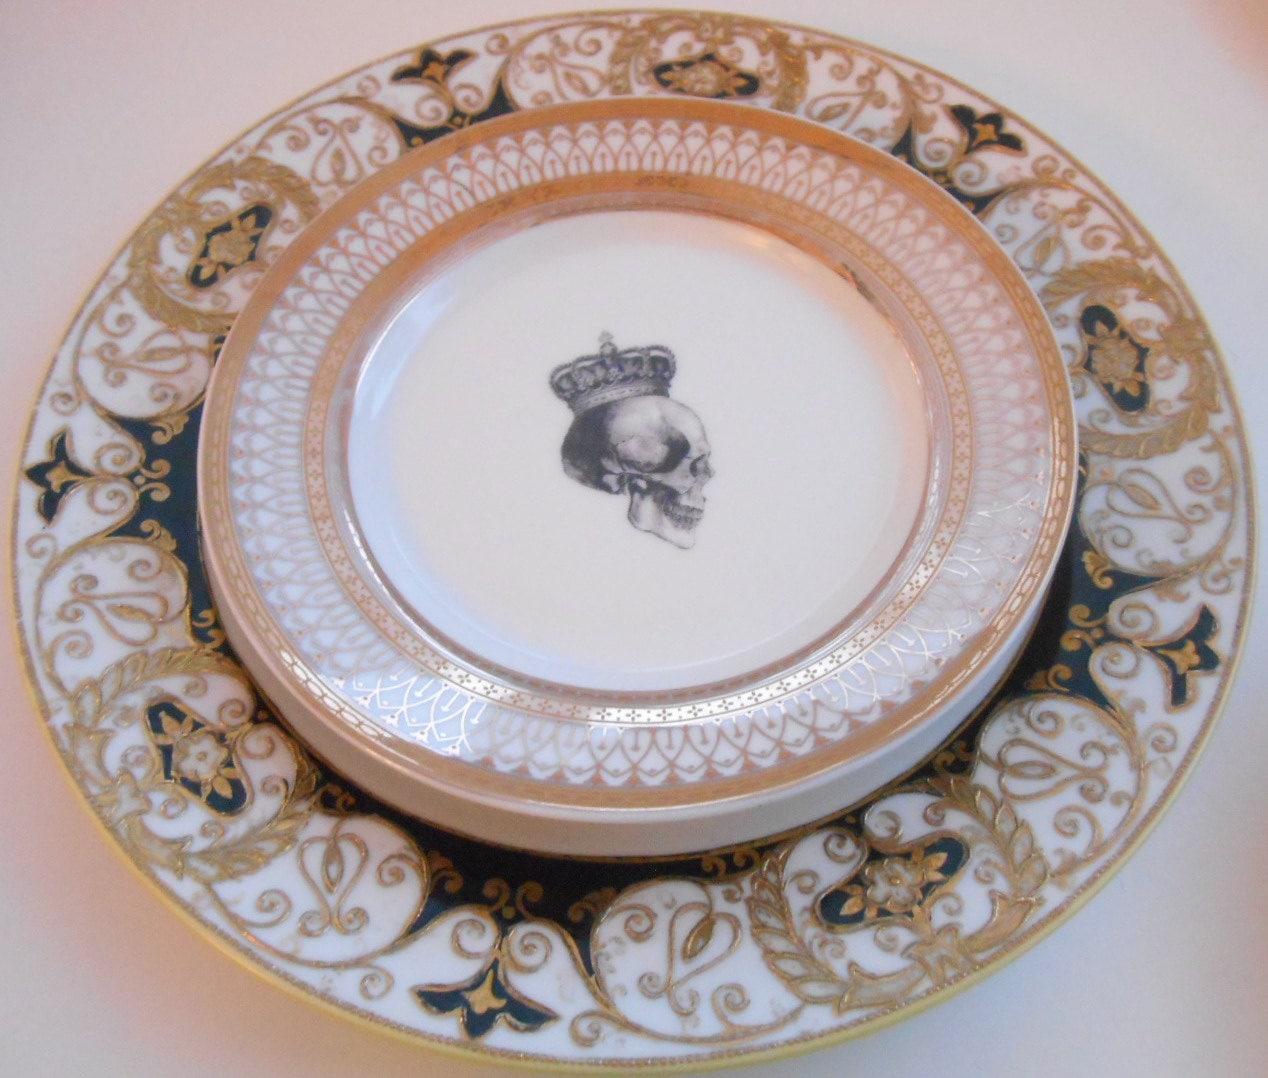 Black and Gold Skull Dinner Set - Noritake Dinner Plate and Ornate Gold Skull Salad Plate & Black and Gold Skull Dinner Set - Noritake Dinner Plate and